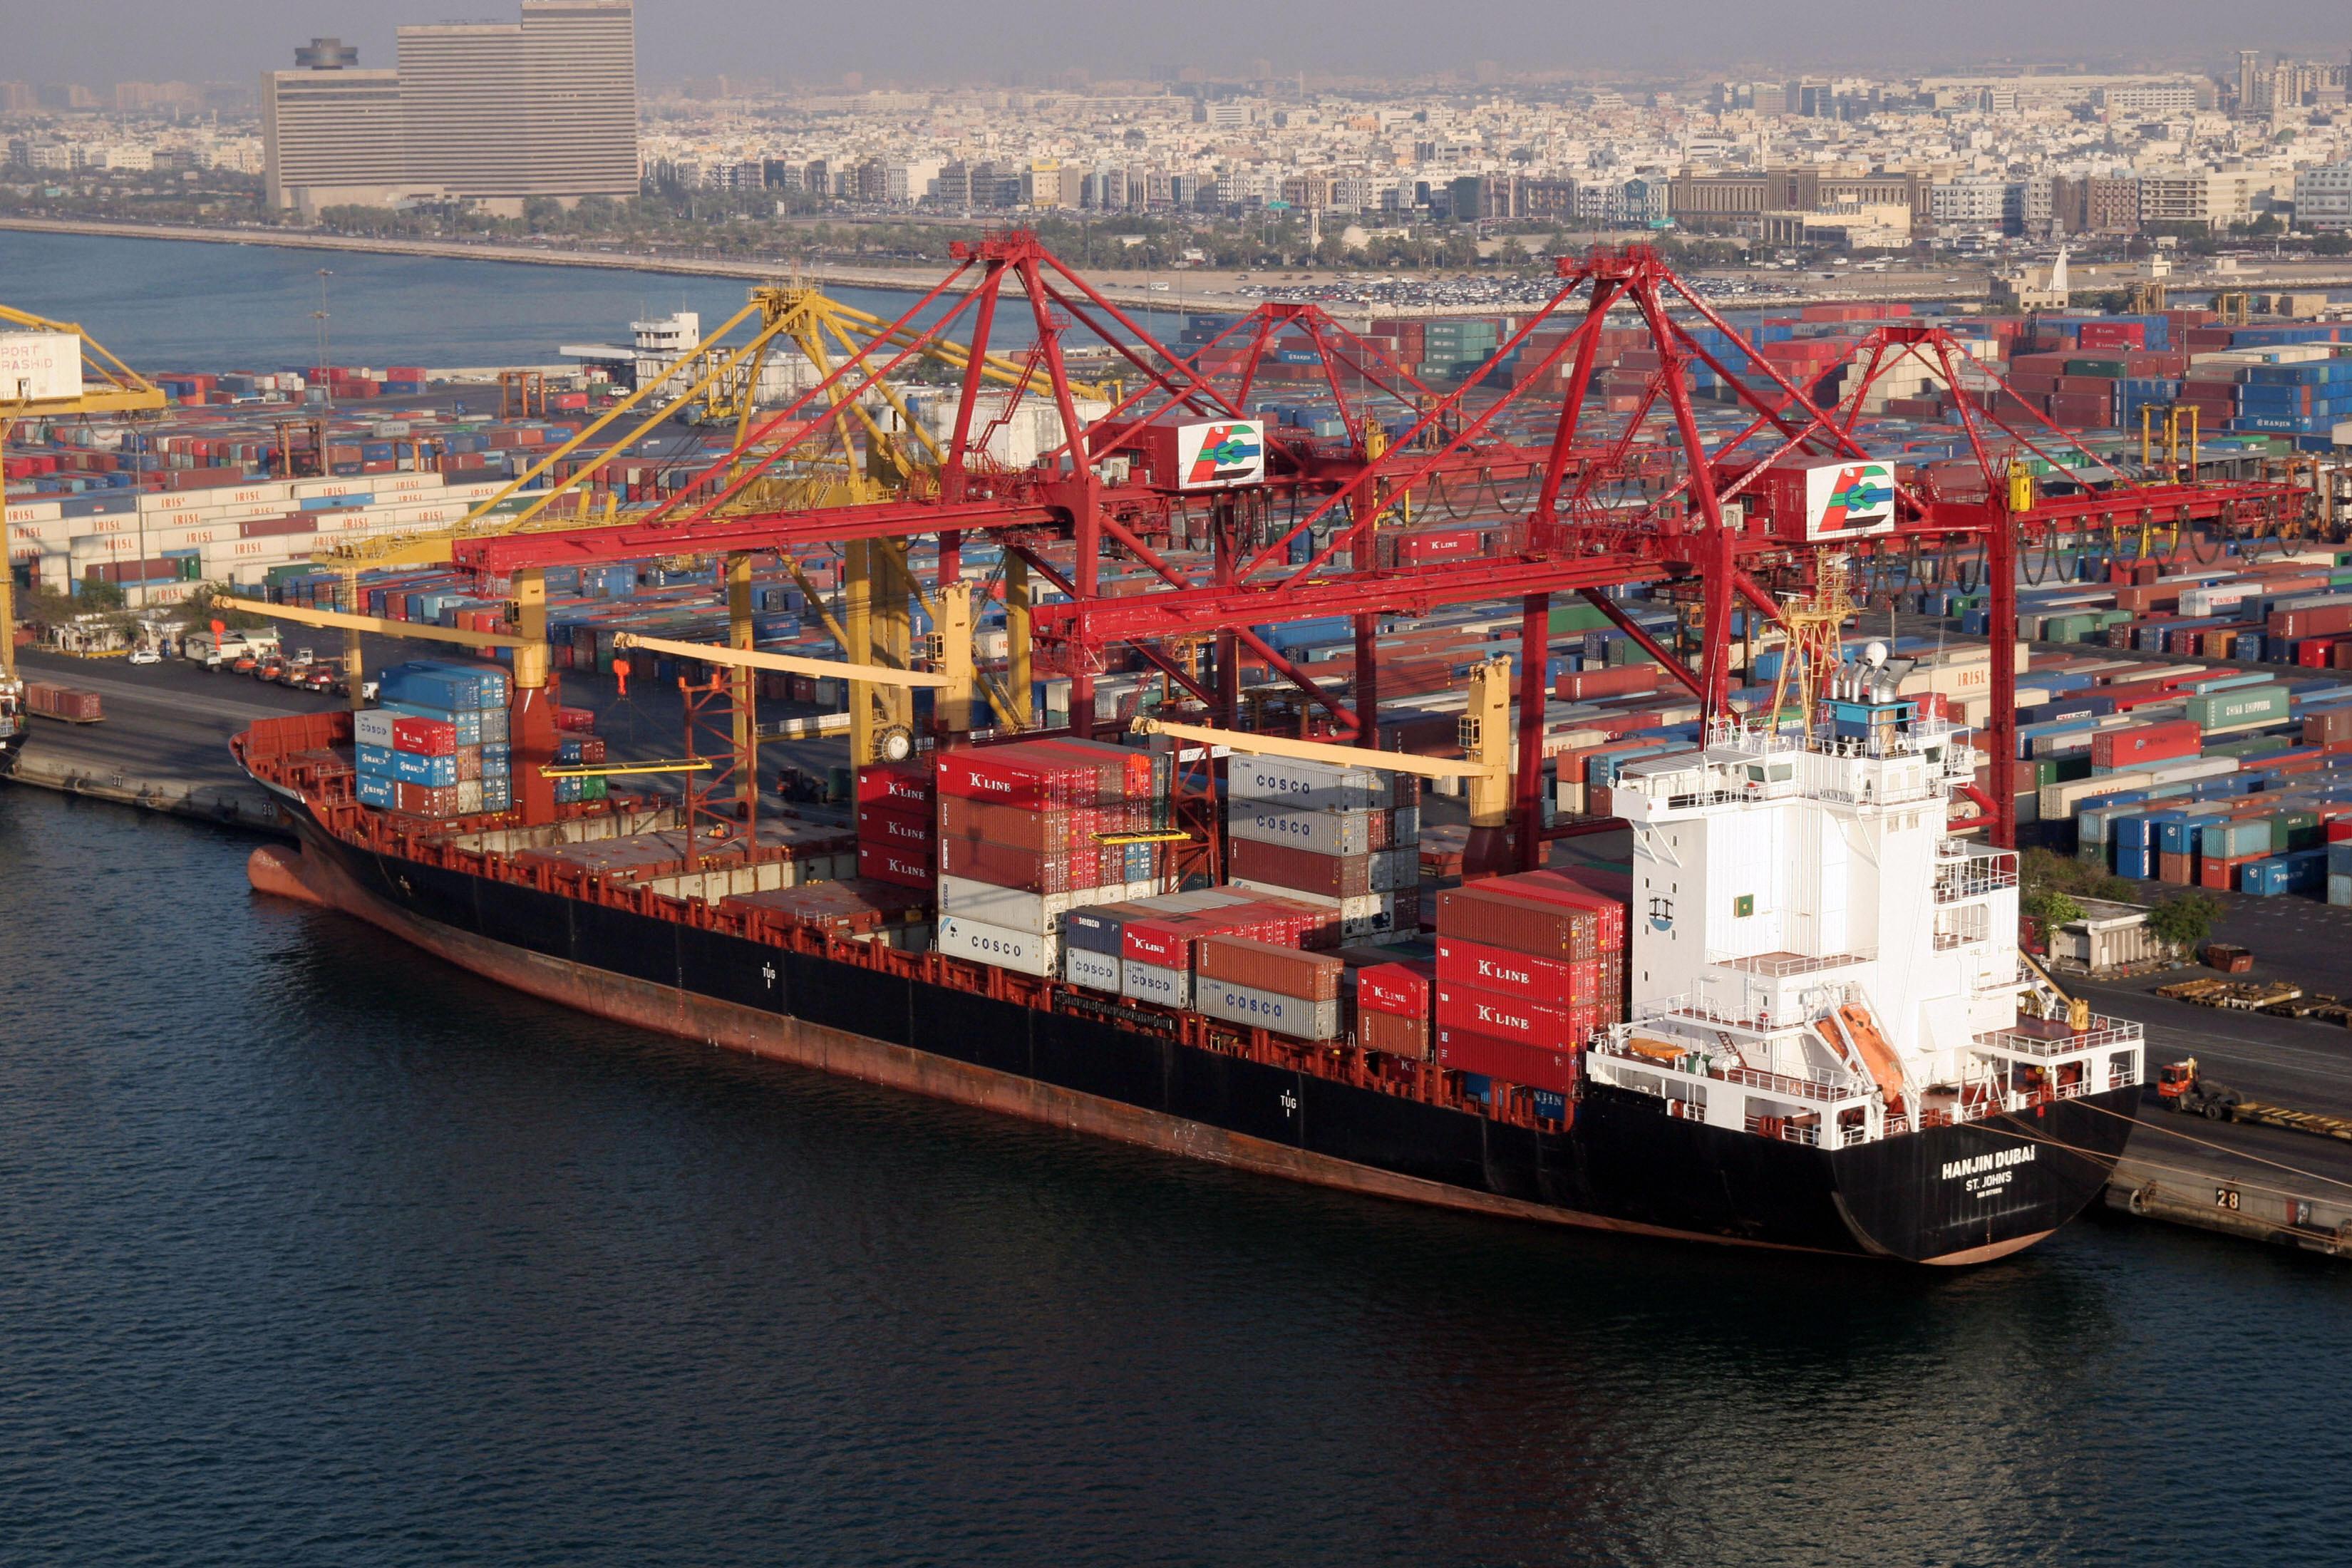 شراكة سعودية هولندية لتأسيس شركة نقل بحري في دبي